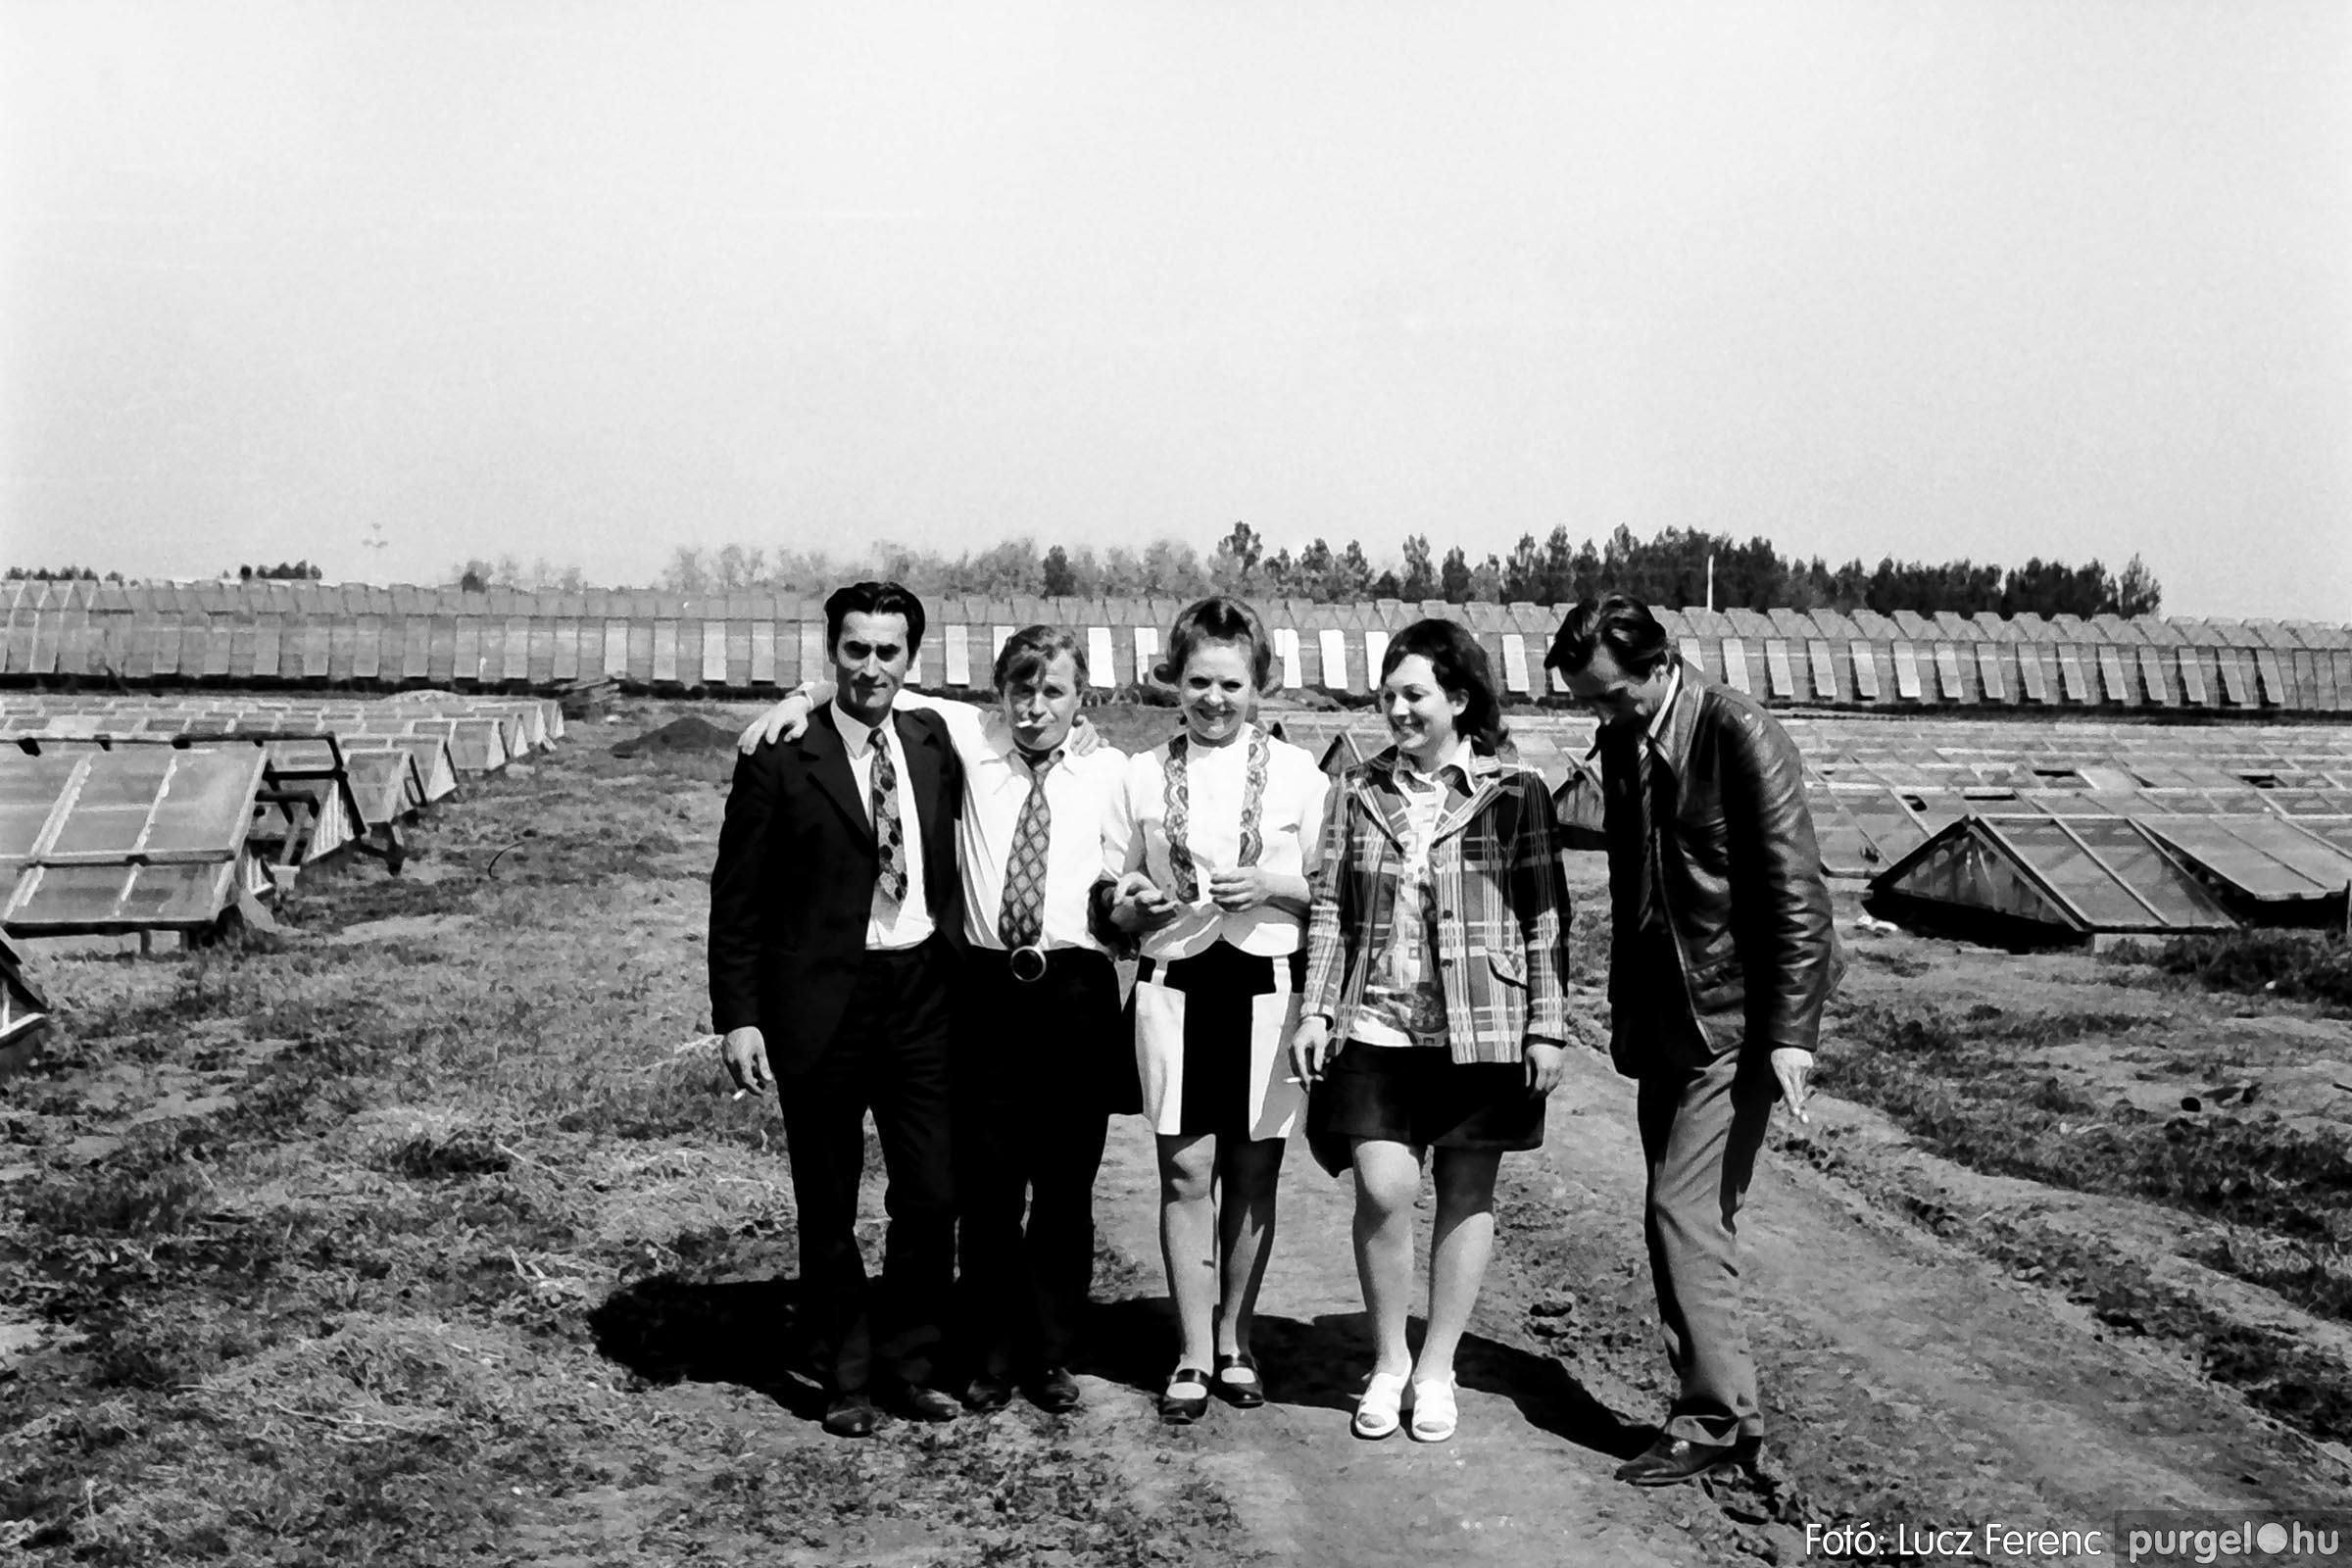 013 1975.04. A felszabadulási munkaverseny győztes üzeme 033 - Fotó: Lucz Ferenc IMG00140q.jpg